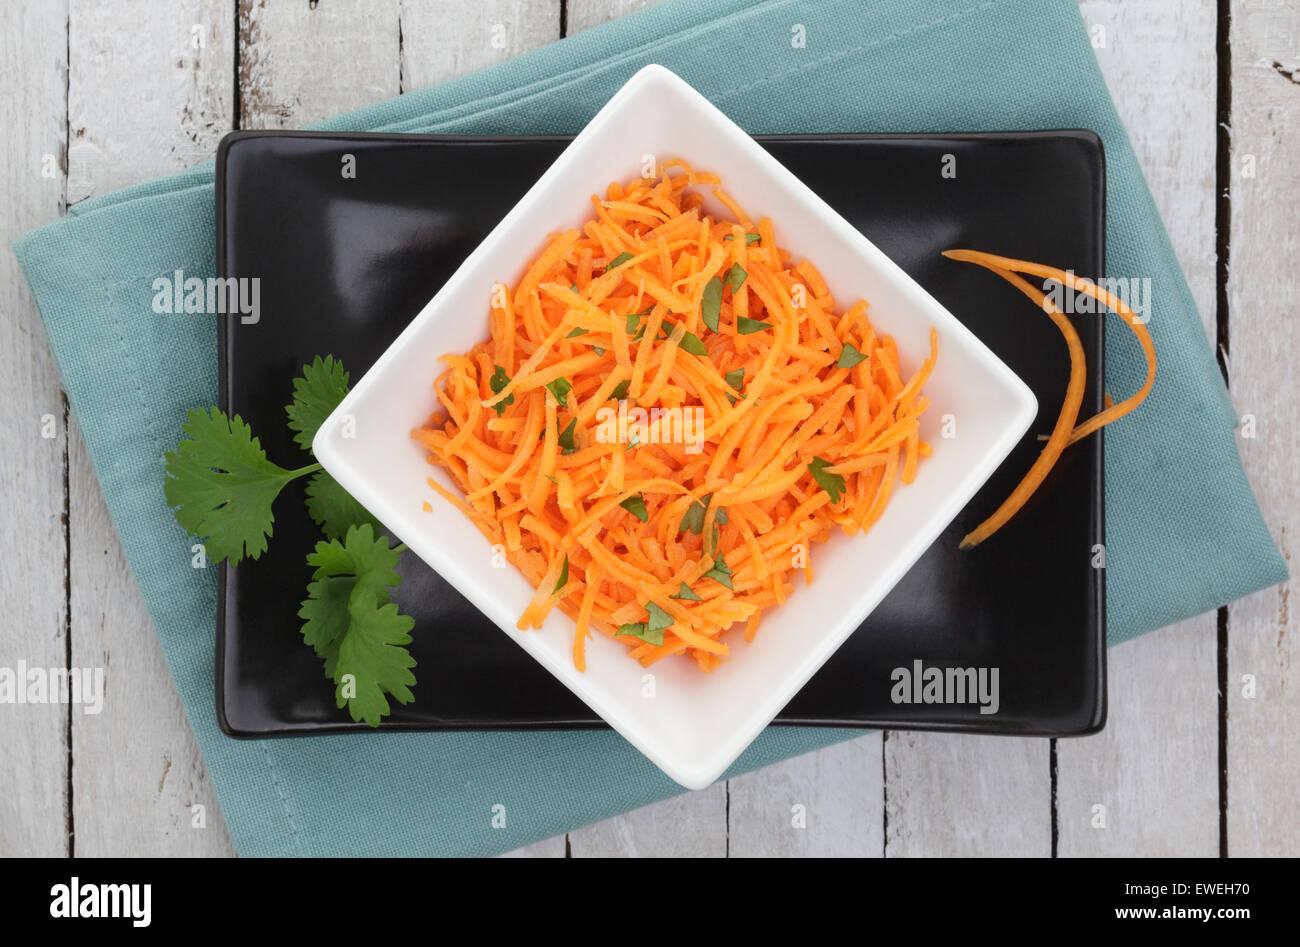 Karottensalat mit Koriander garniert Stockbild